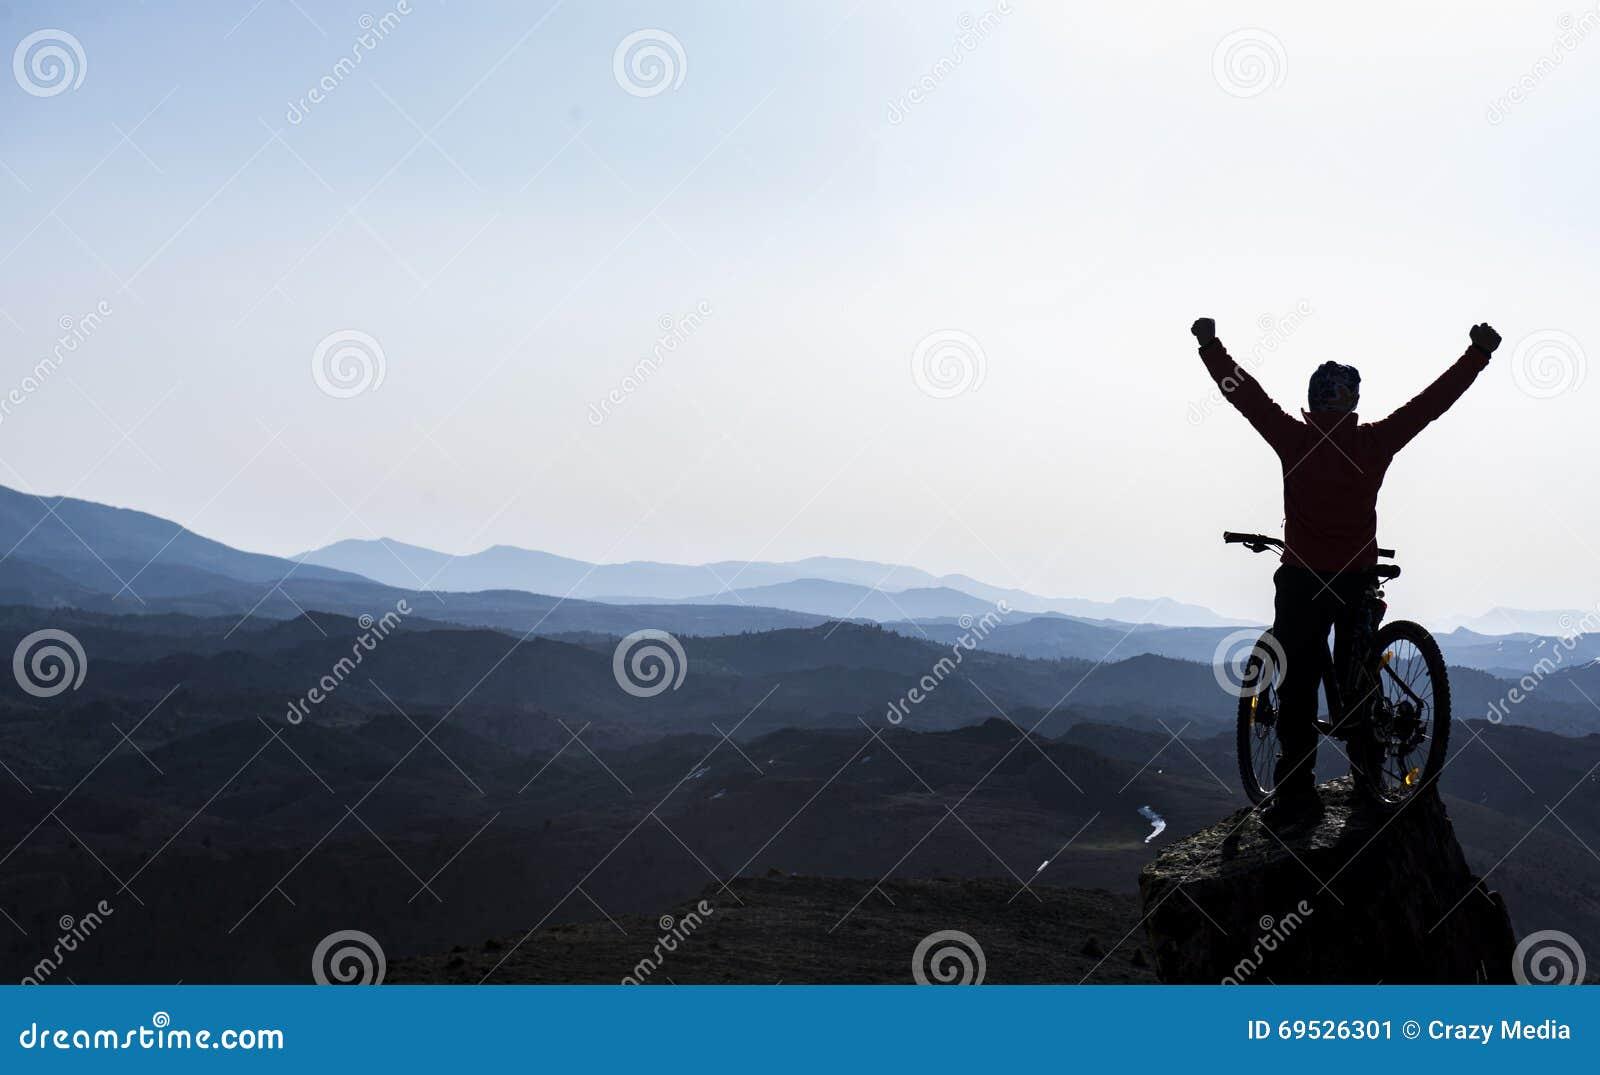 Восторг успех саммитов велосипед трудная